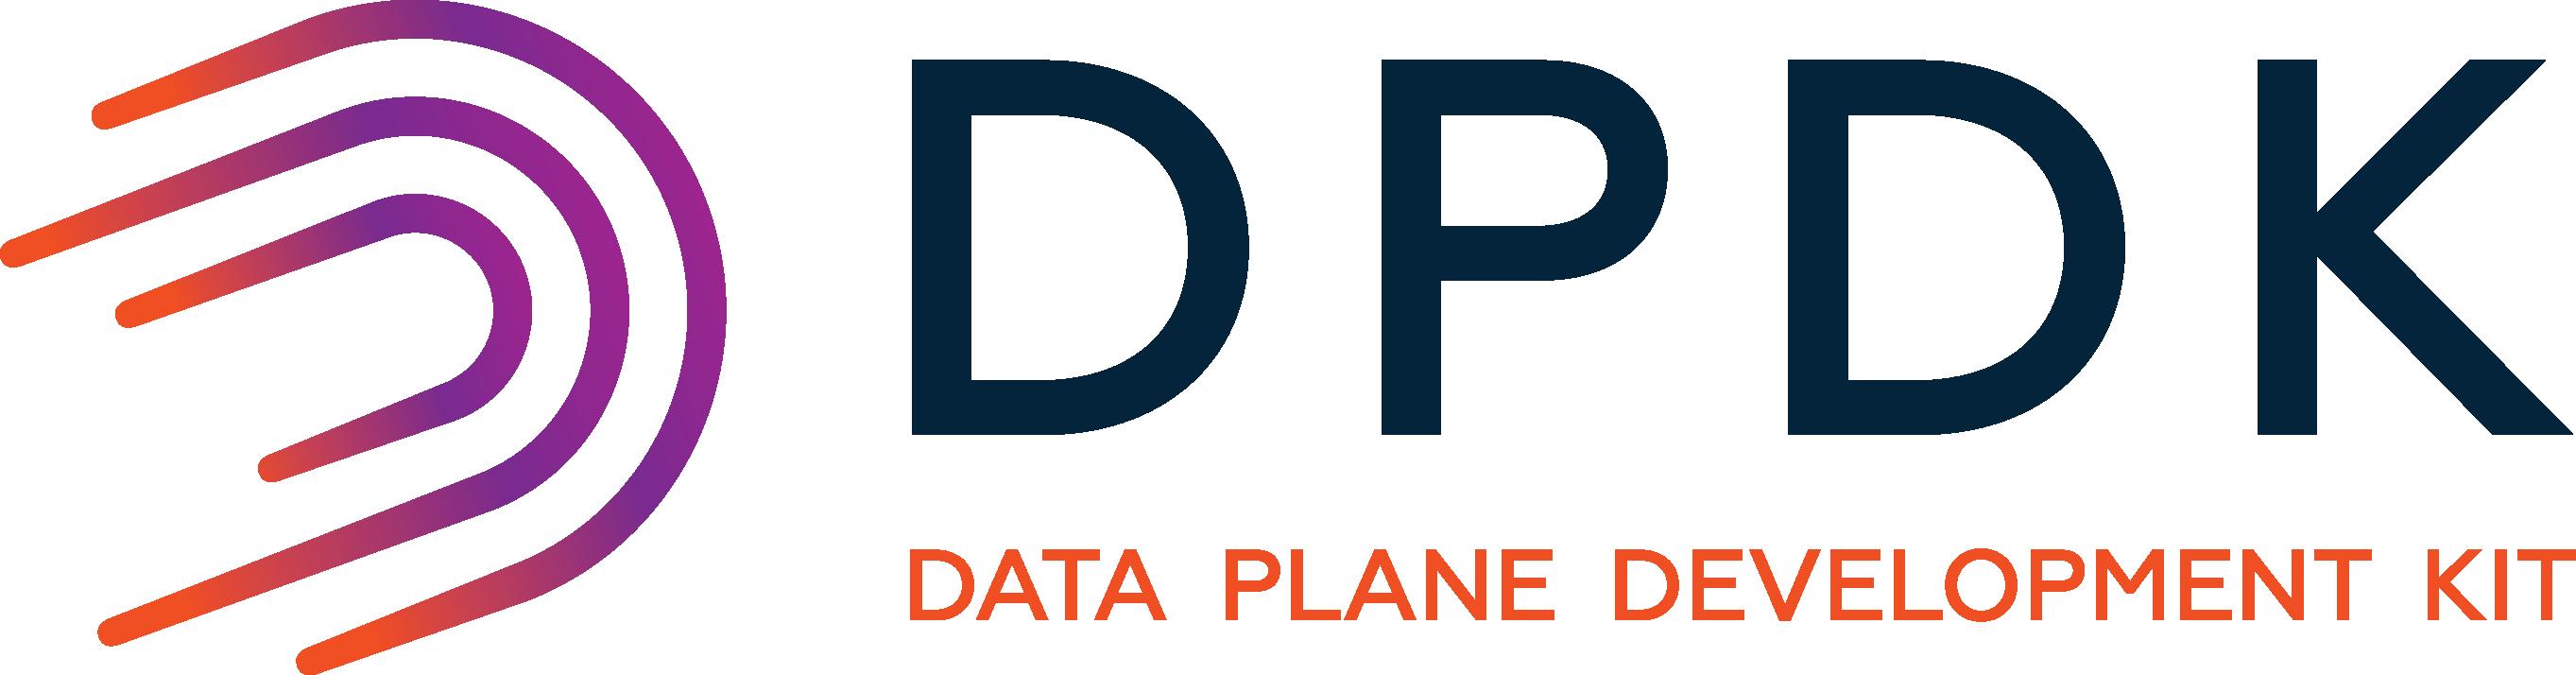 DPDK_logo_horizontal_tag.png